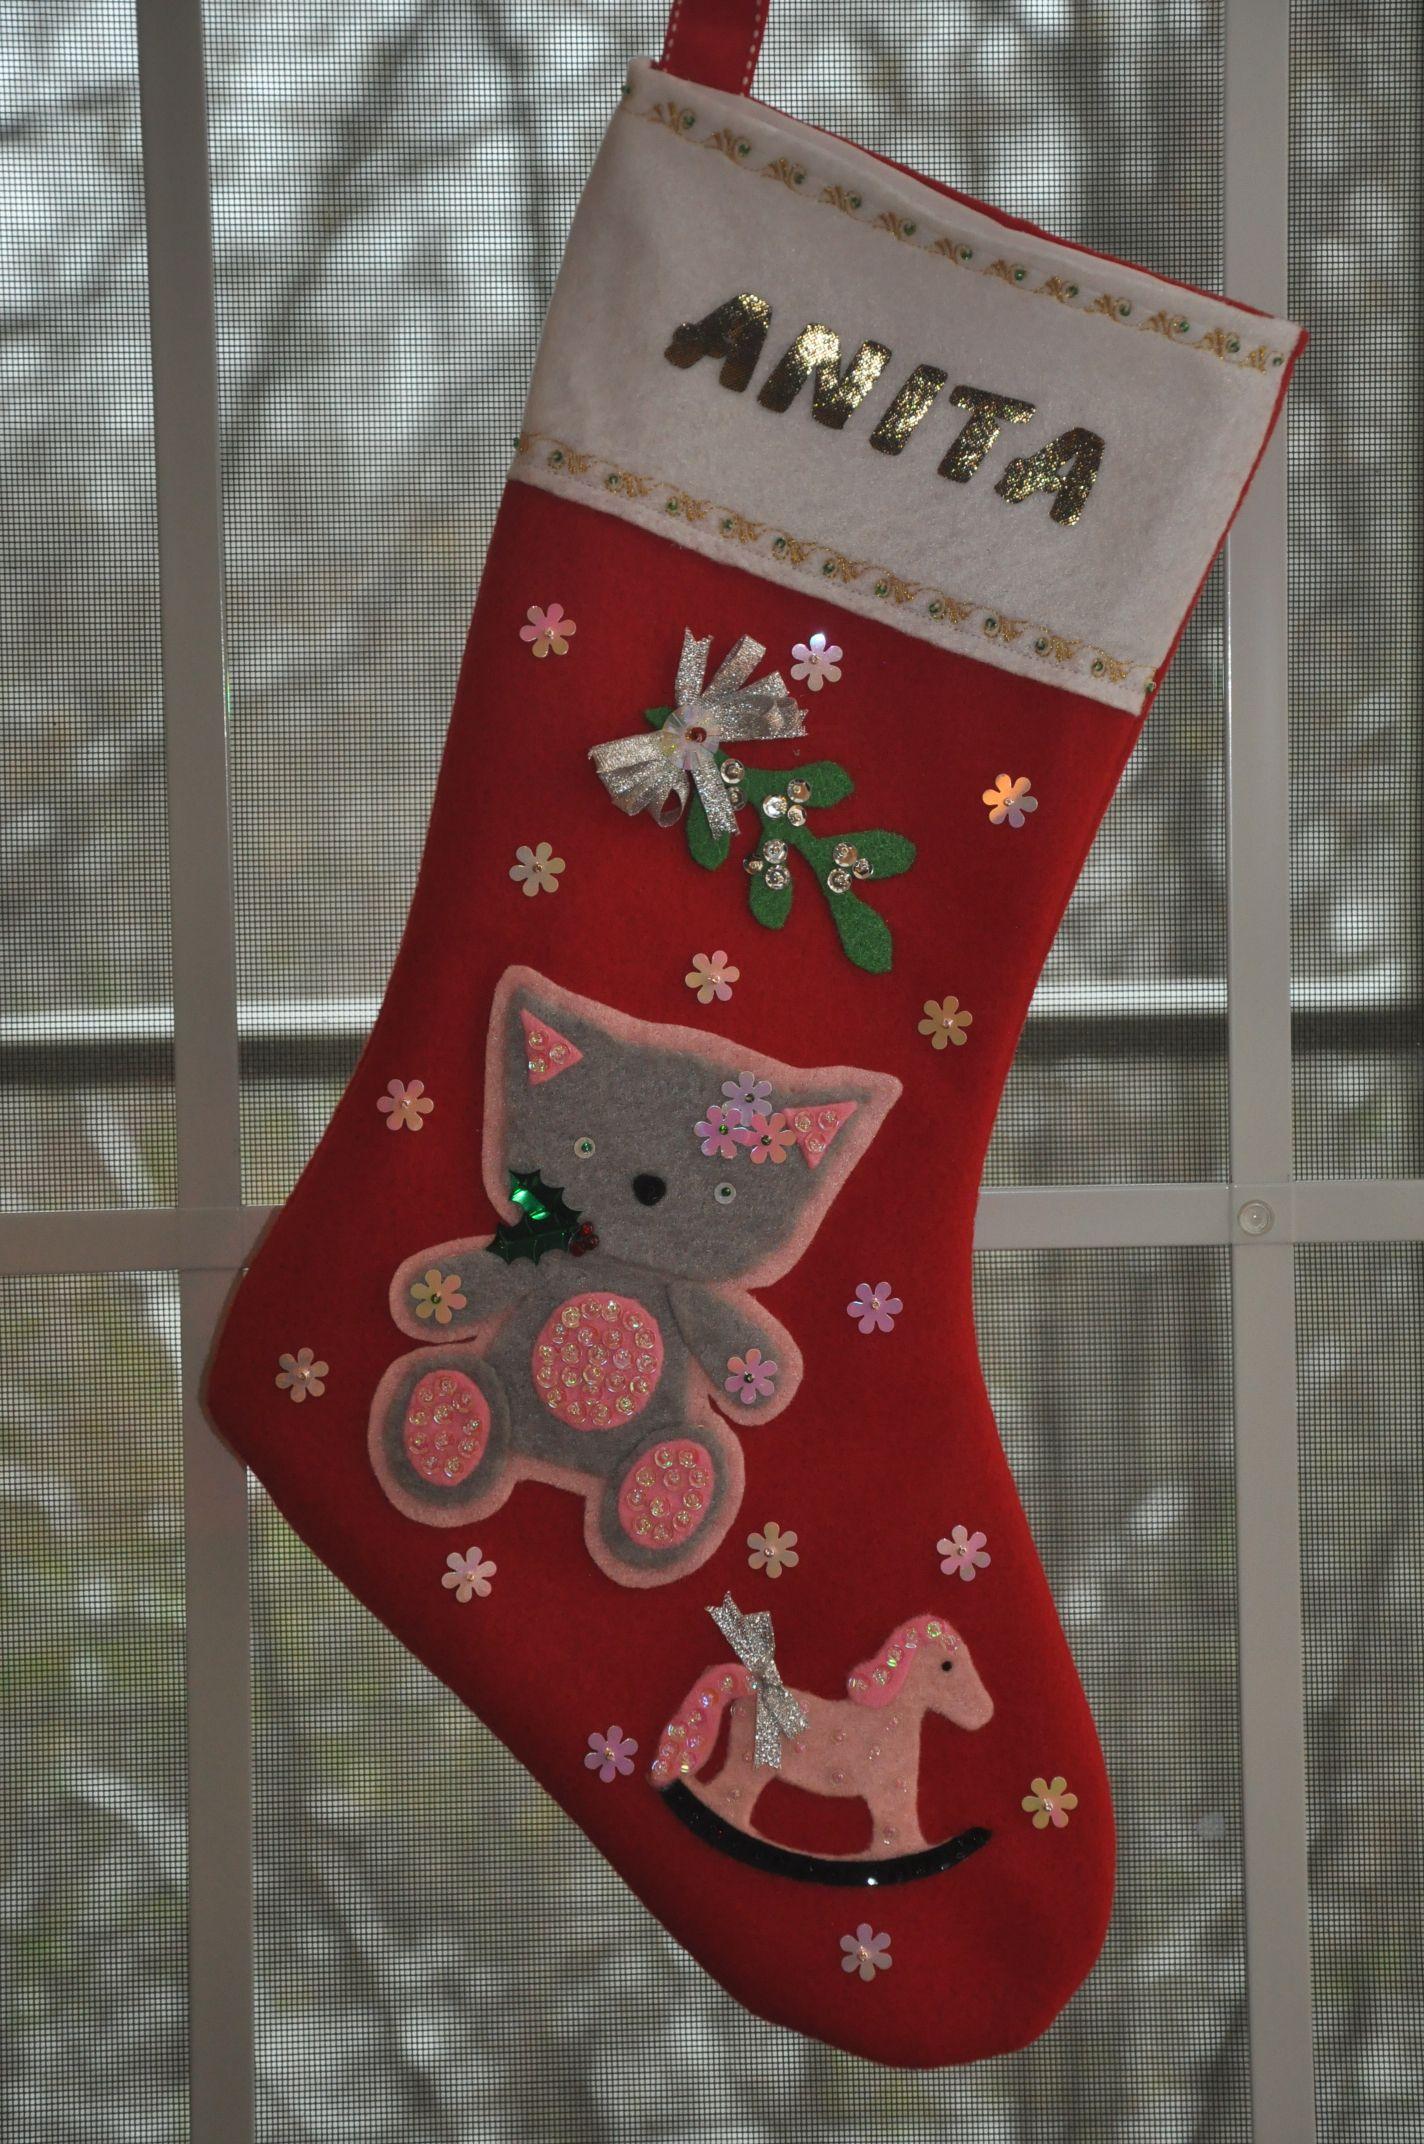 Startling Rocking Horse Grey Pink Cat Stocking Mistletoe Grey Pink Cat Stocking Rocking Horse Cat Stocking Her Cat Stocking Filled Mistletoe